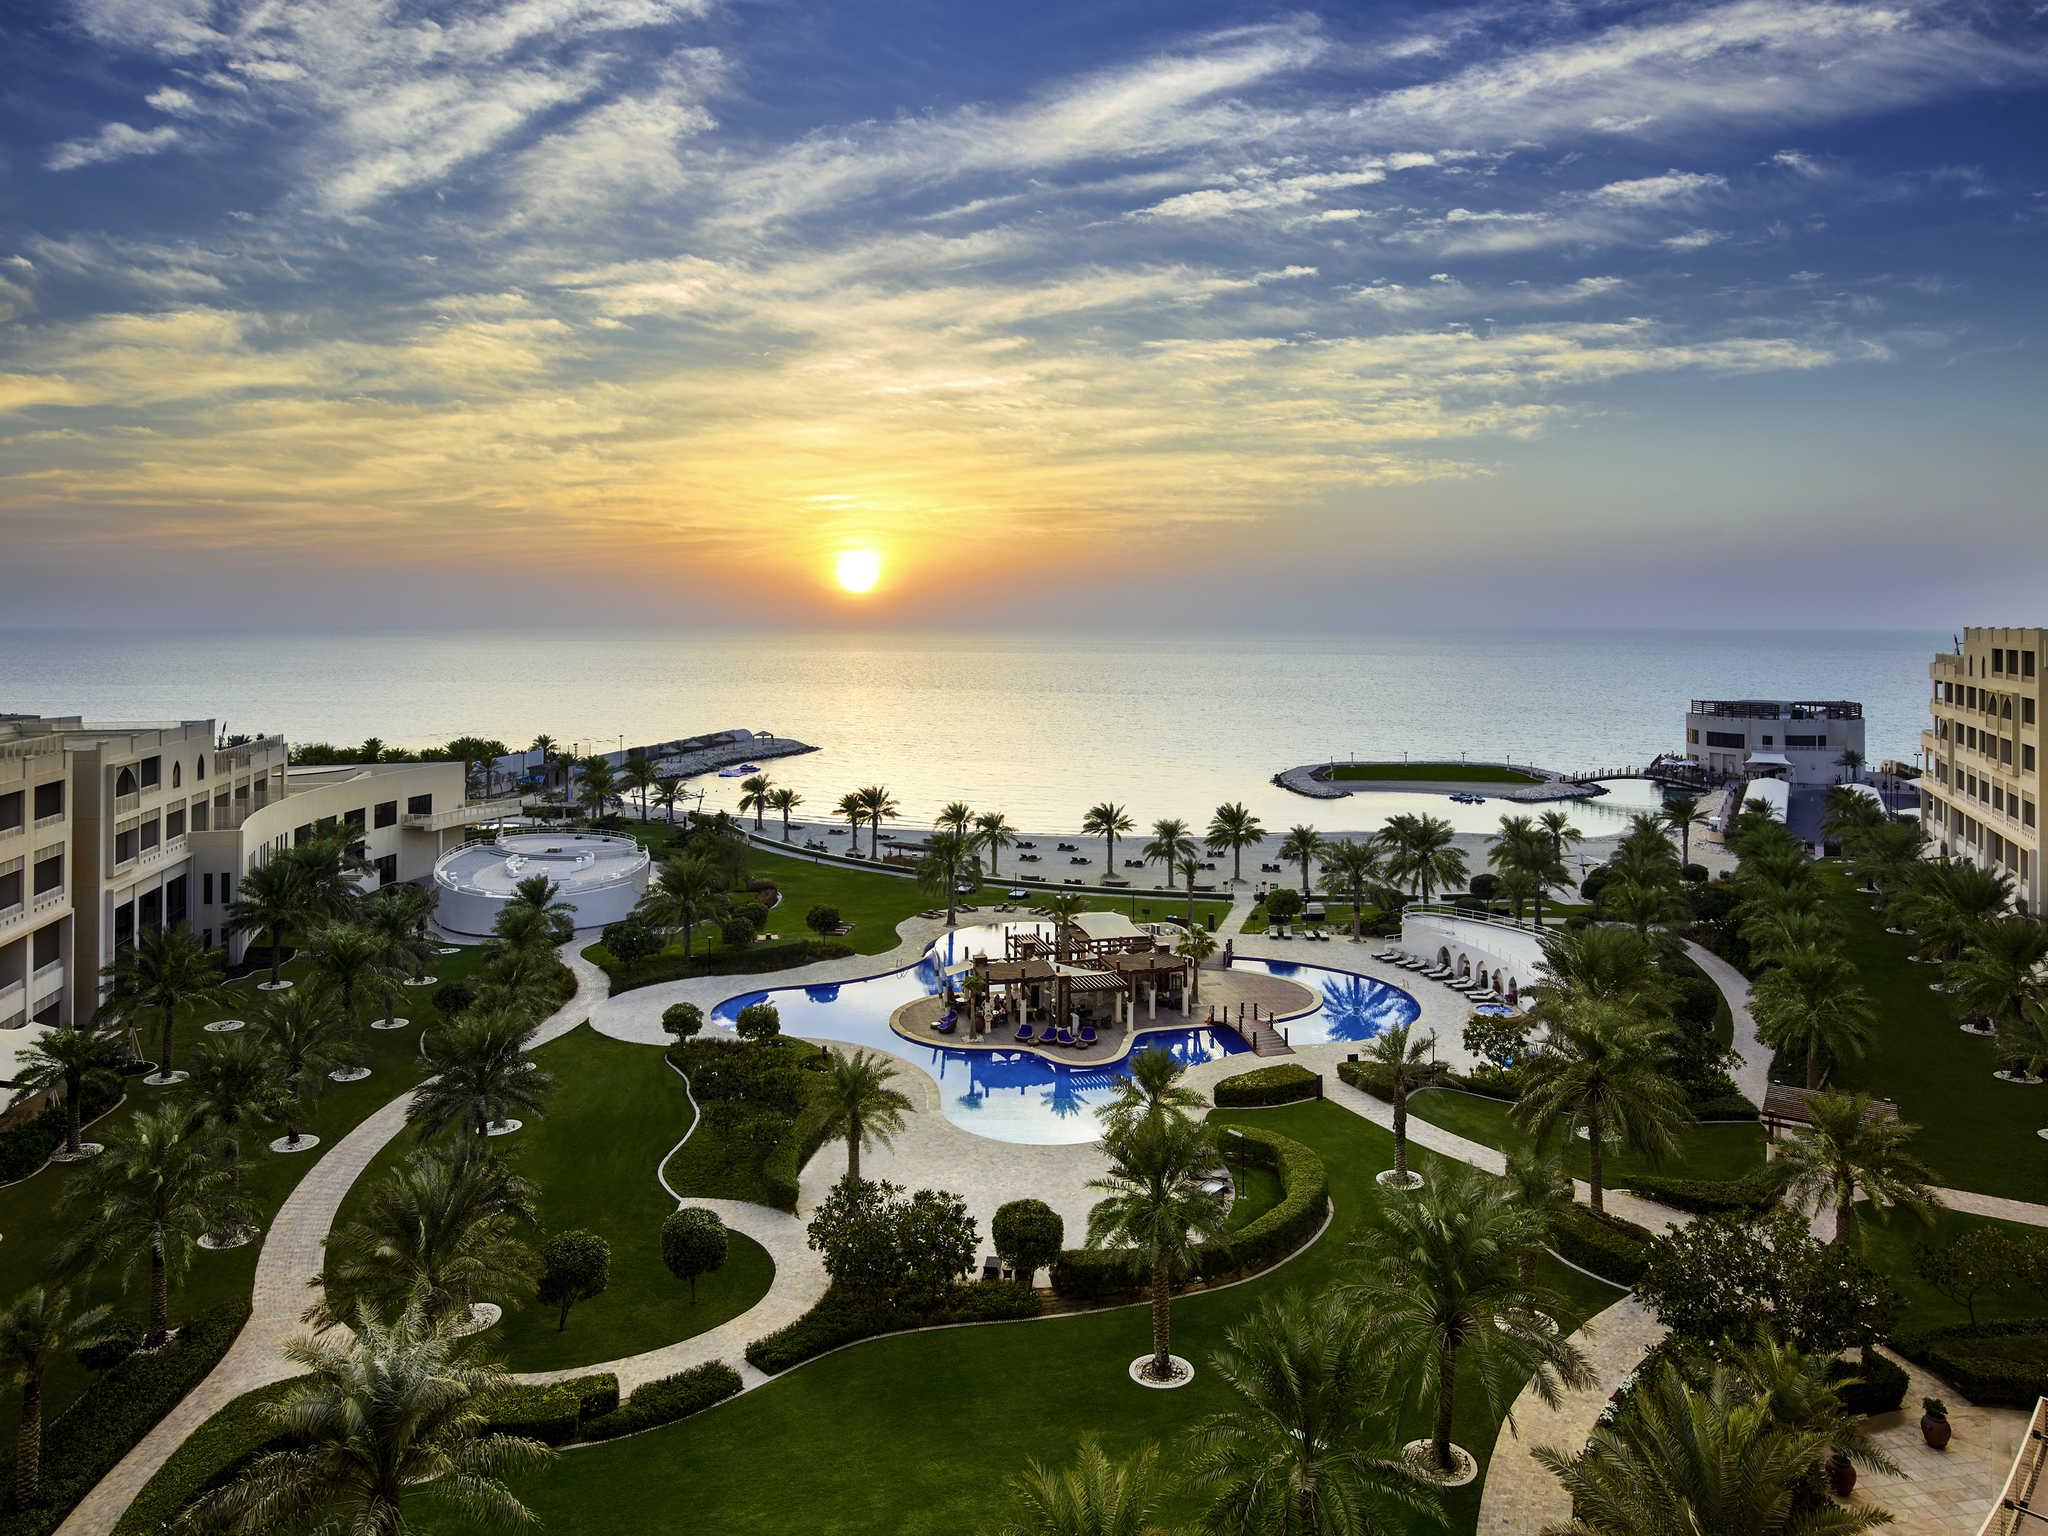 فندق - سوفيتل Sofitel البحرين زالاق ثالاسا سي أند سبا Thalassa Sea &Spa